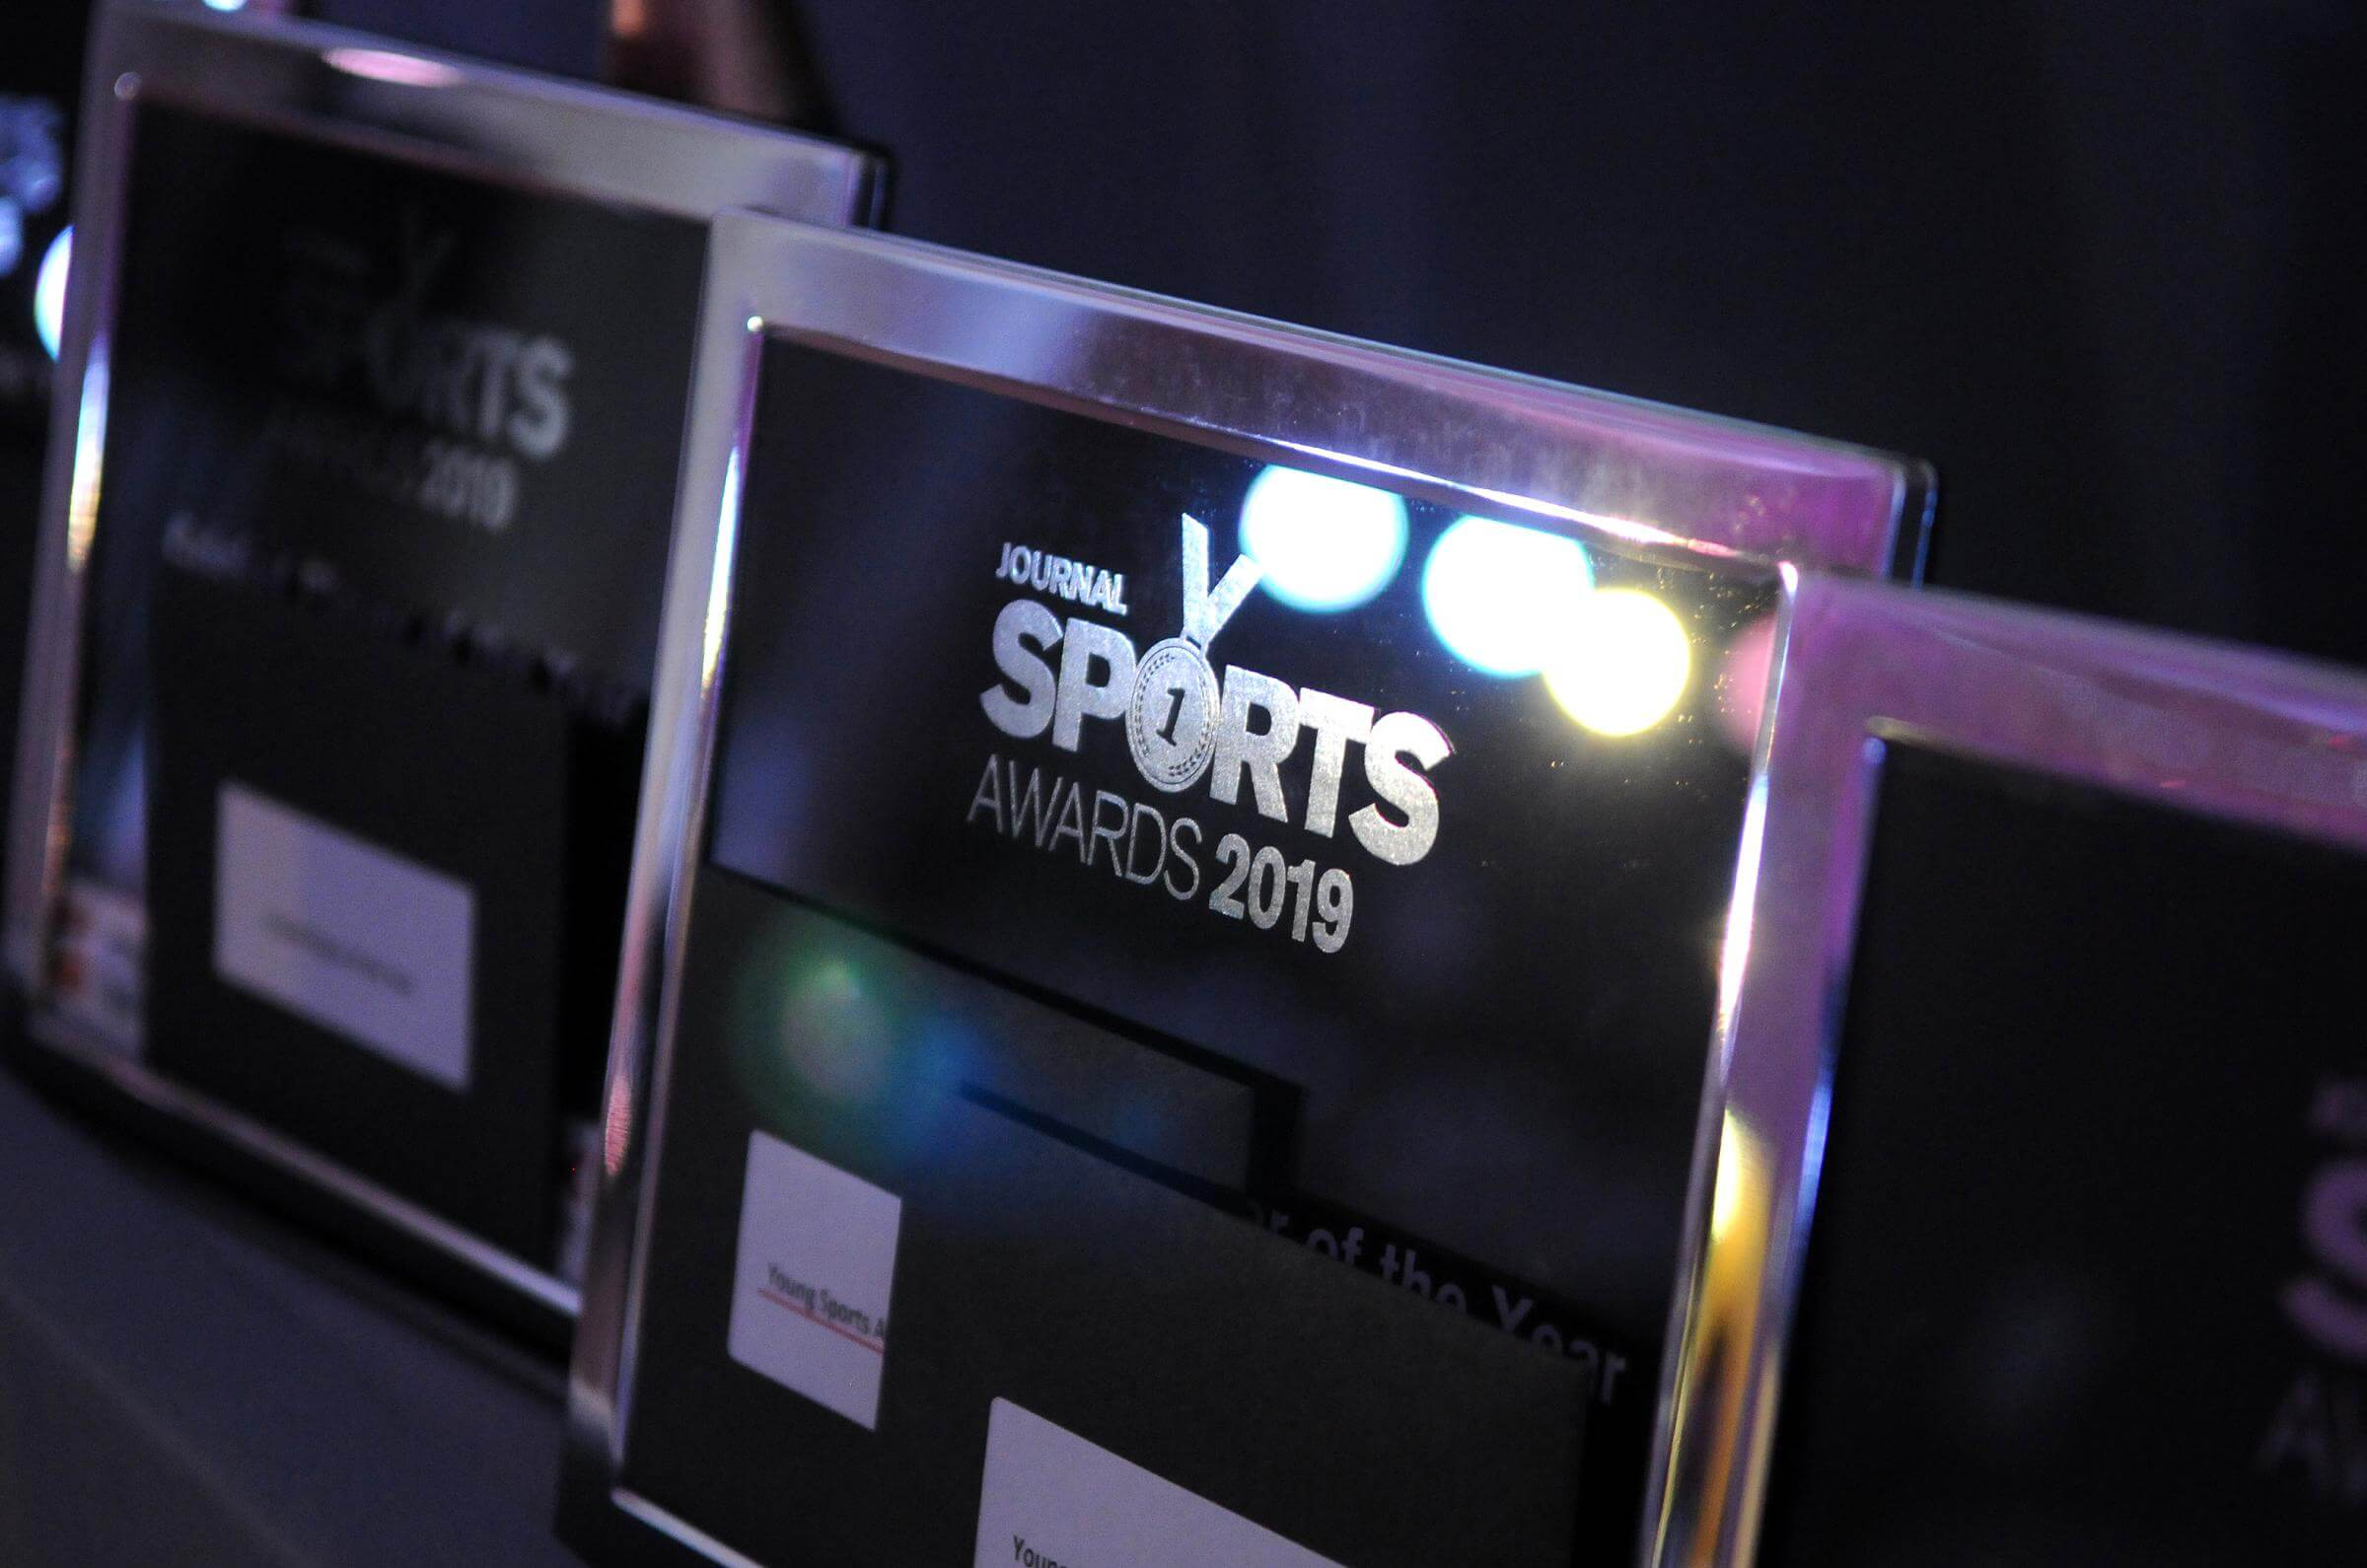 Salisbury Journal Sports Awards 2019